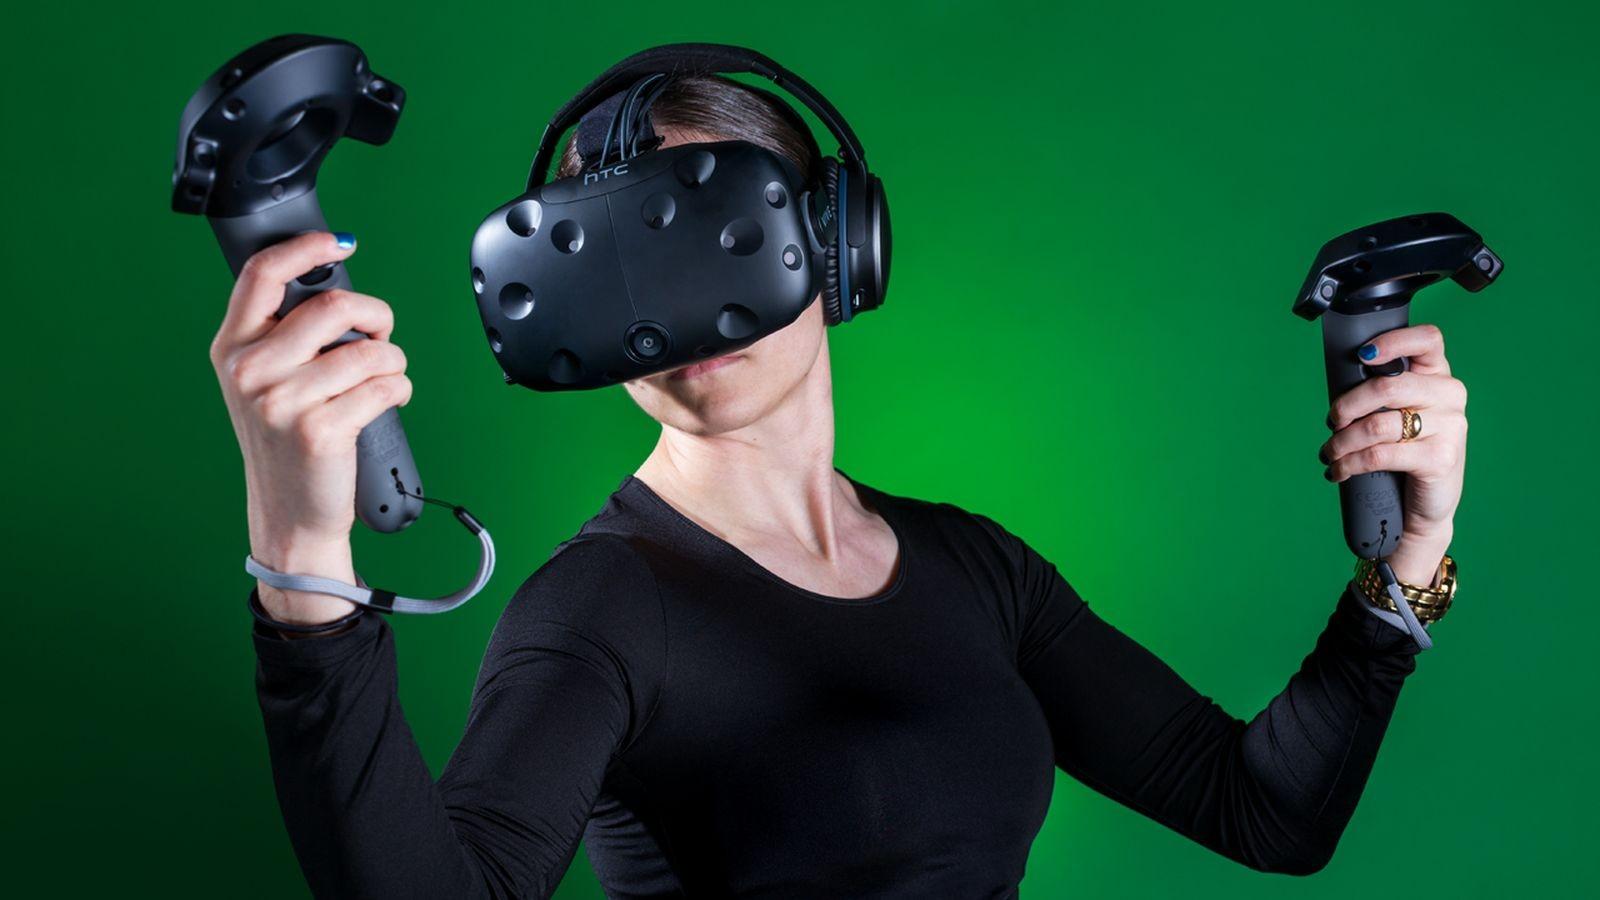 В будущем 2017-ом году HTC хочет отгрузить 1,5 млн VR-шлемов Vive